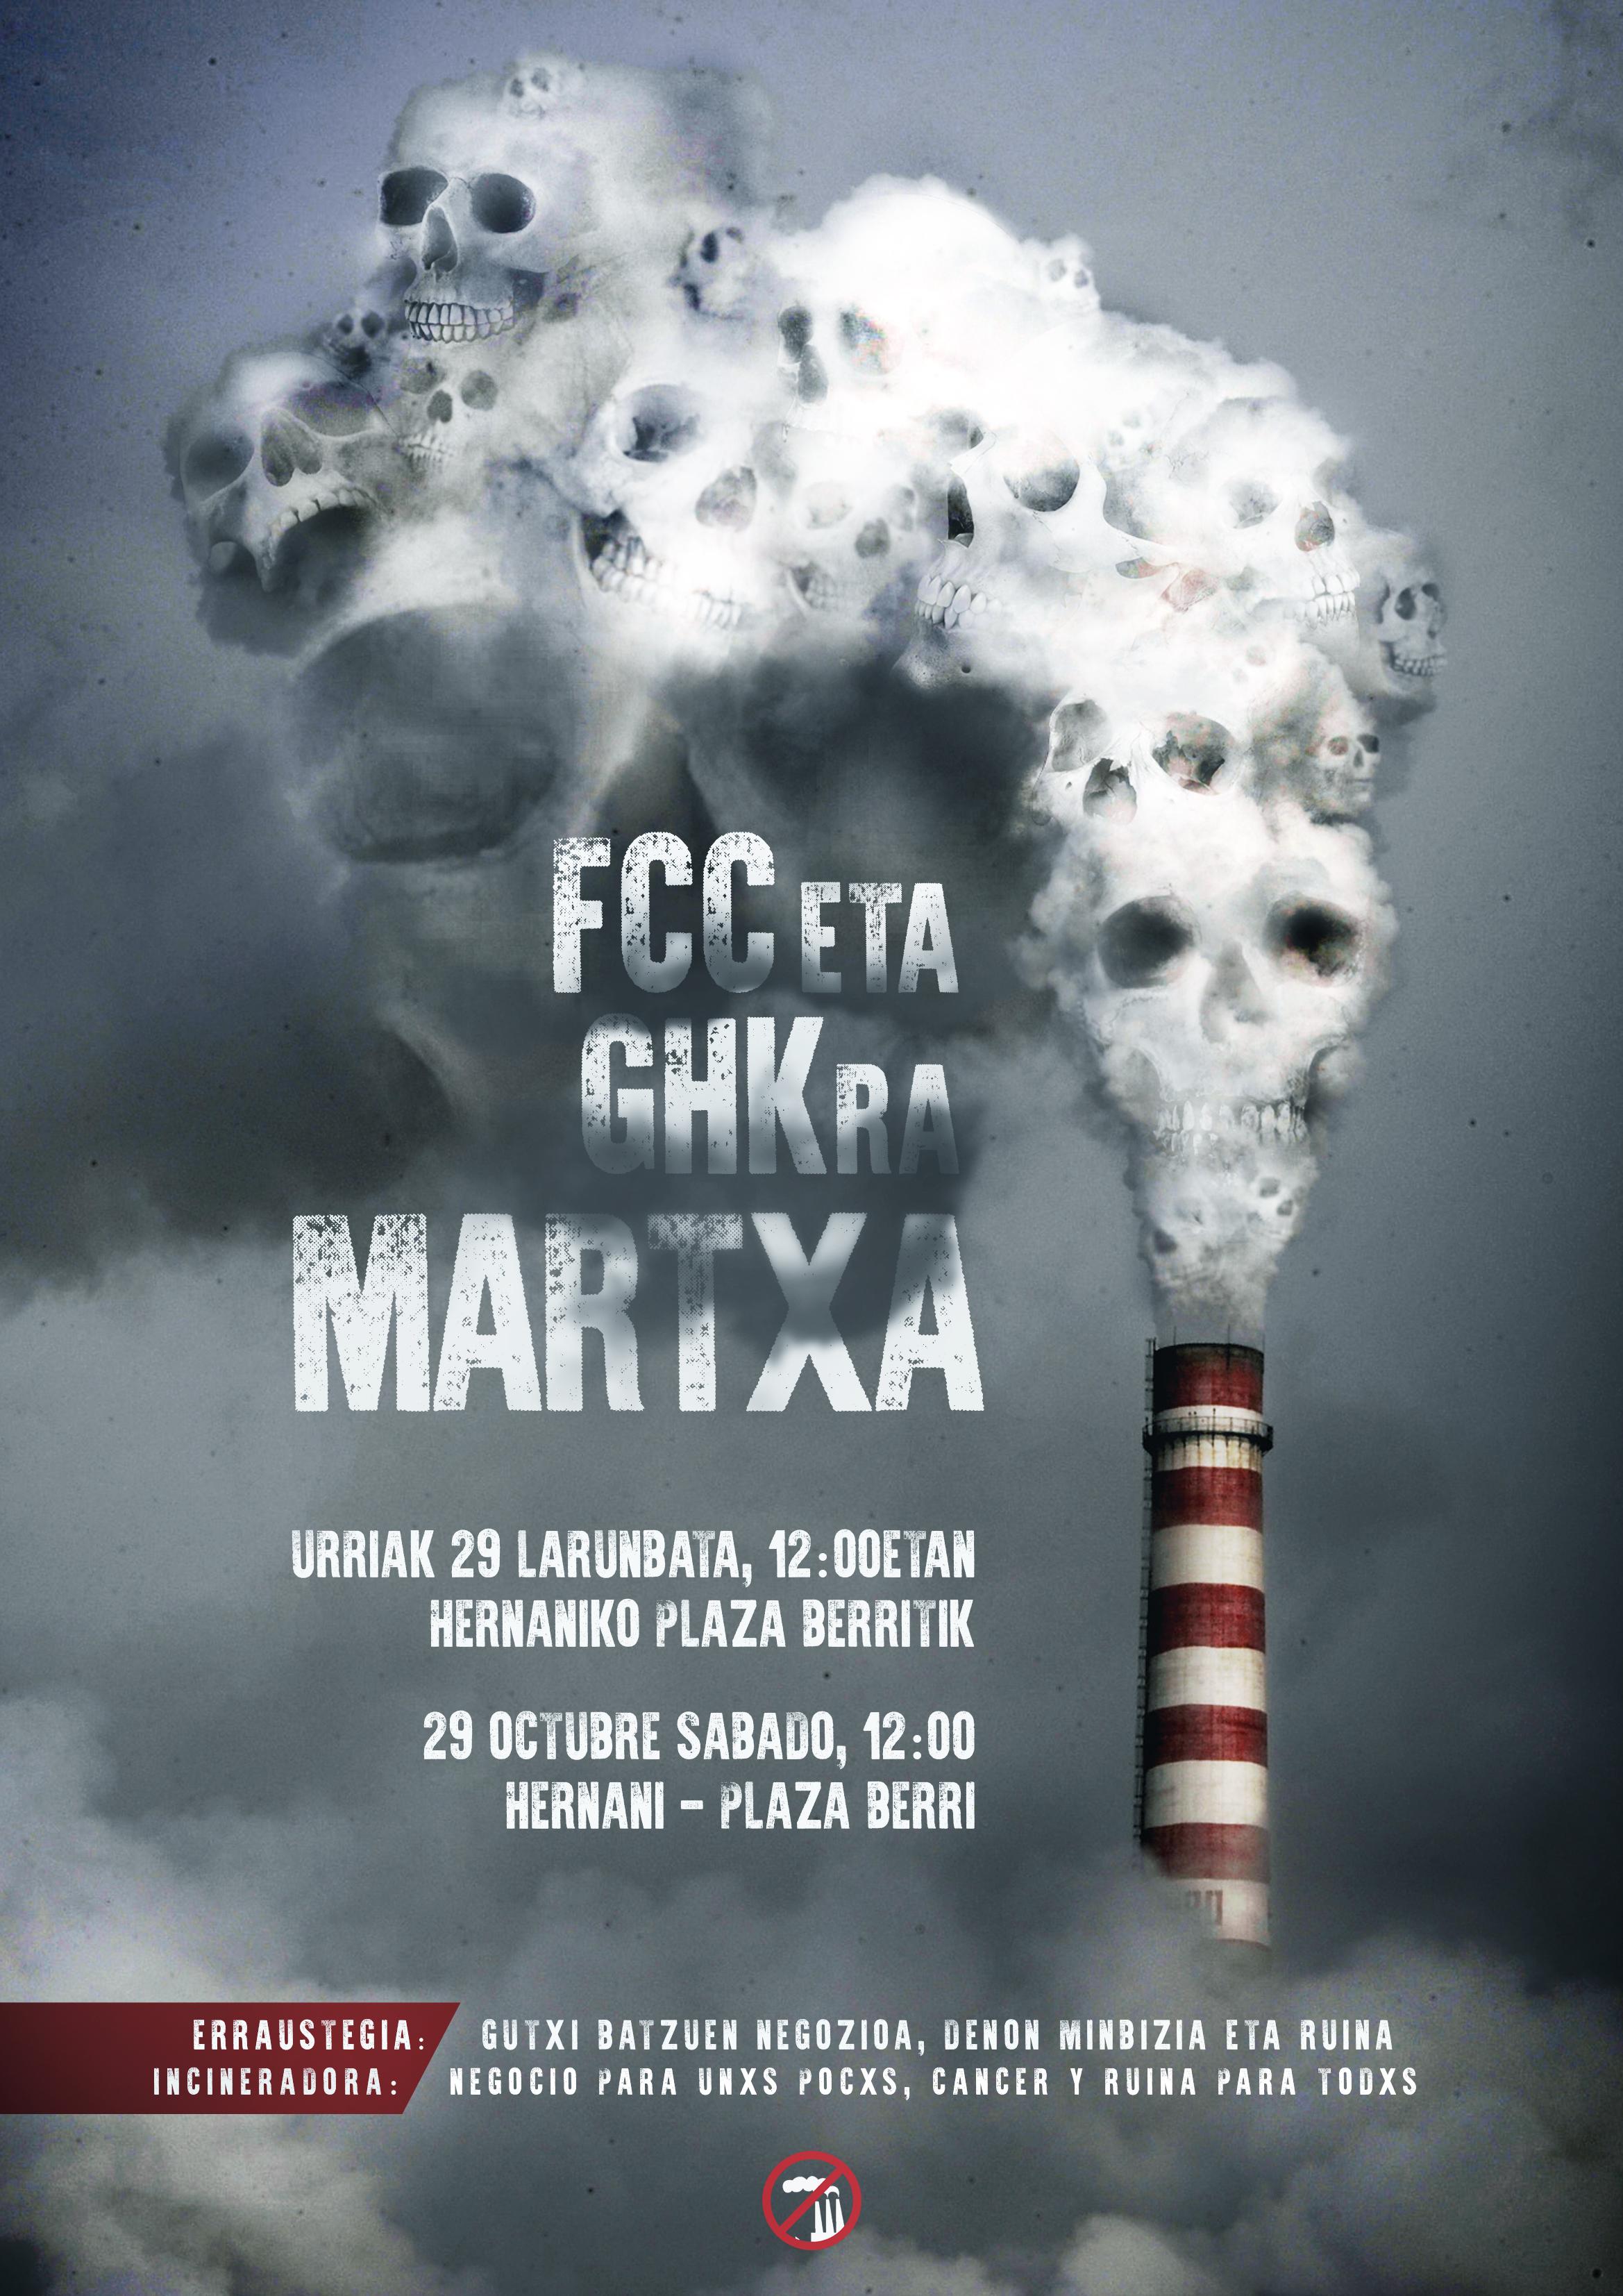 El sábado, en Hernani, nueva jornada de movilización contra la incineradora